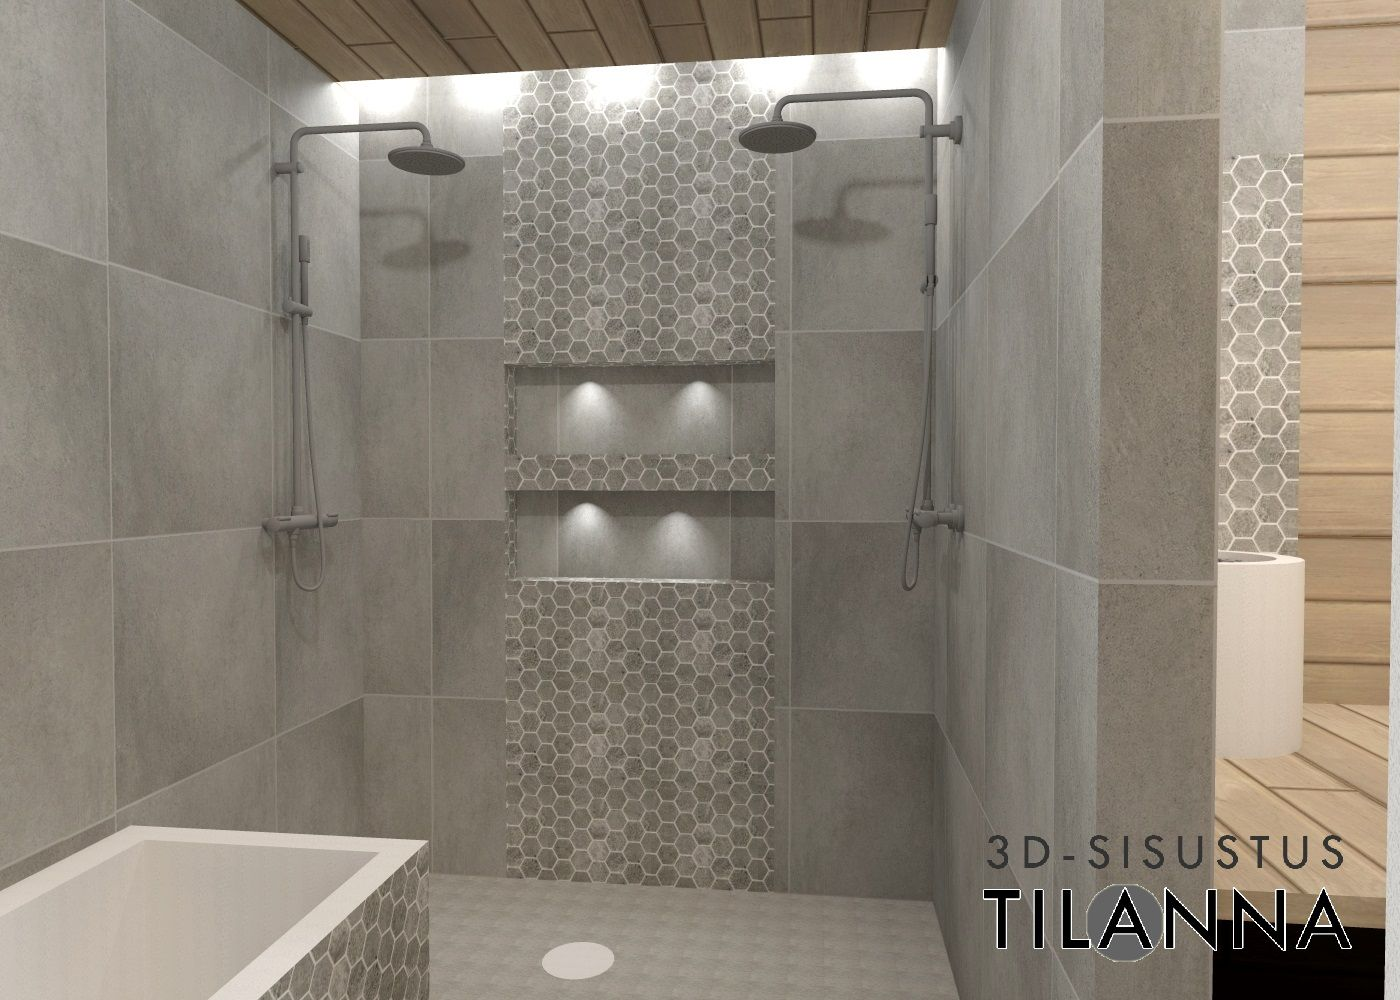 3D - sisustussuunnittelu / moderni pesuhuone, harmaa laatta, kuusikulmainen tehostelaatta,  saunassa saarnipaneeli, grey, modern bathroom, shower room, sauna / 3D-sisutus Tilanna, sisustussuunnittelija Jyväskylä